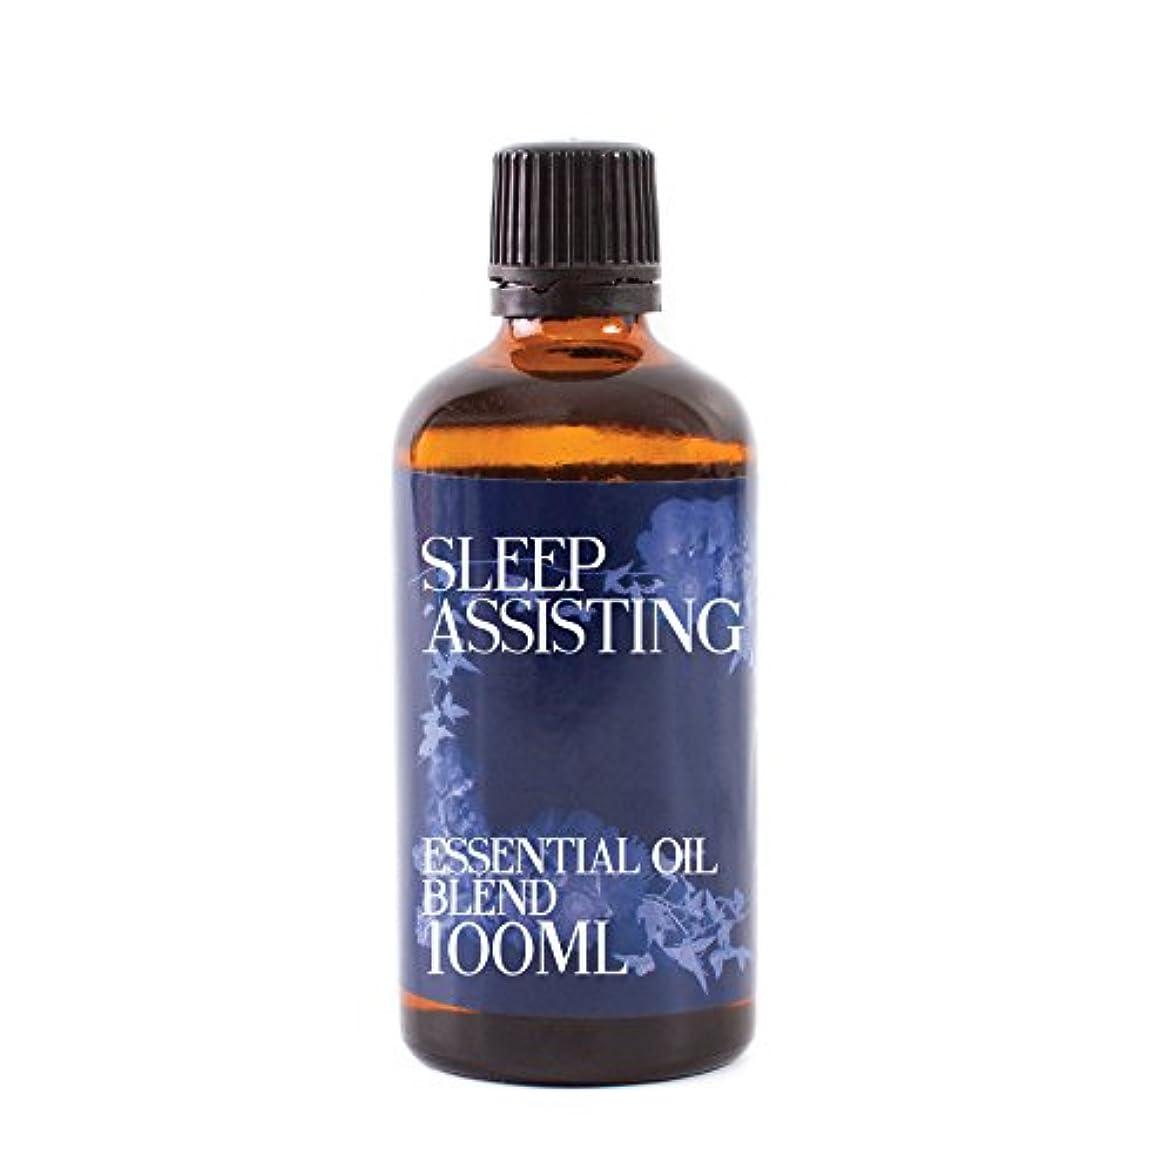 リビングルーム敬の念蓄積するMystix London | Sleep Assisting Essential Oil Blend - 100ml - 100% Pure